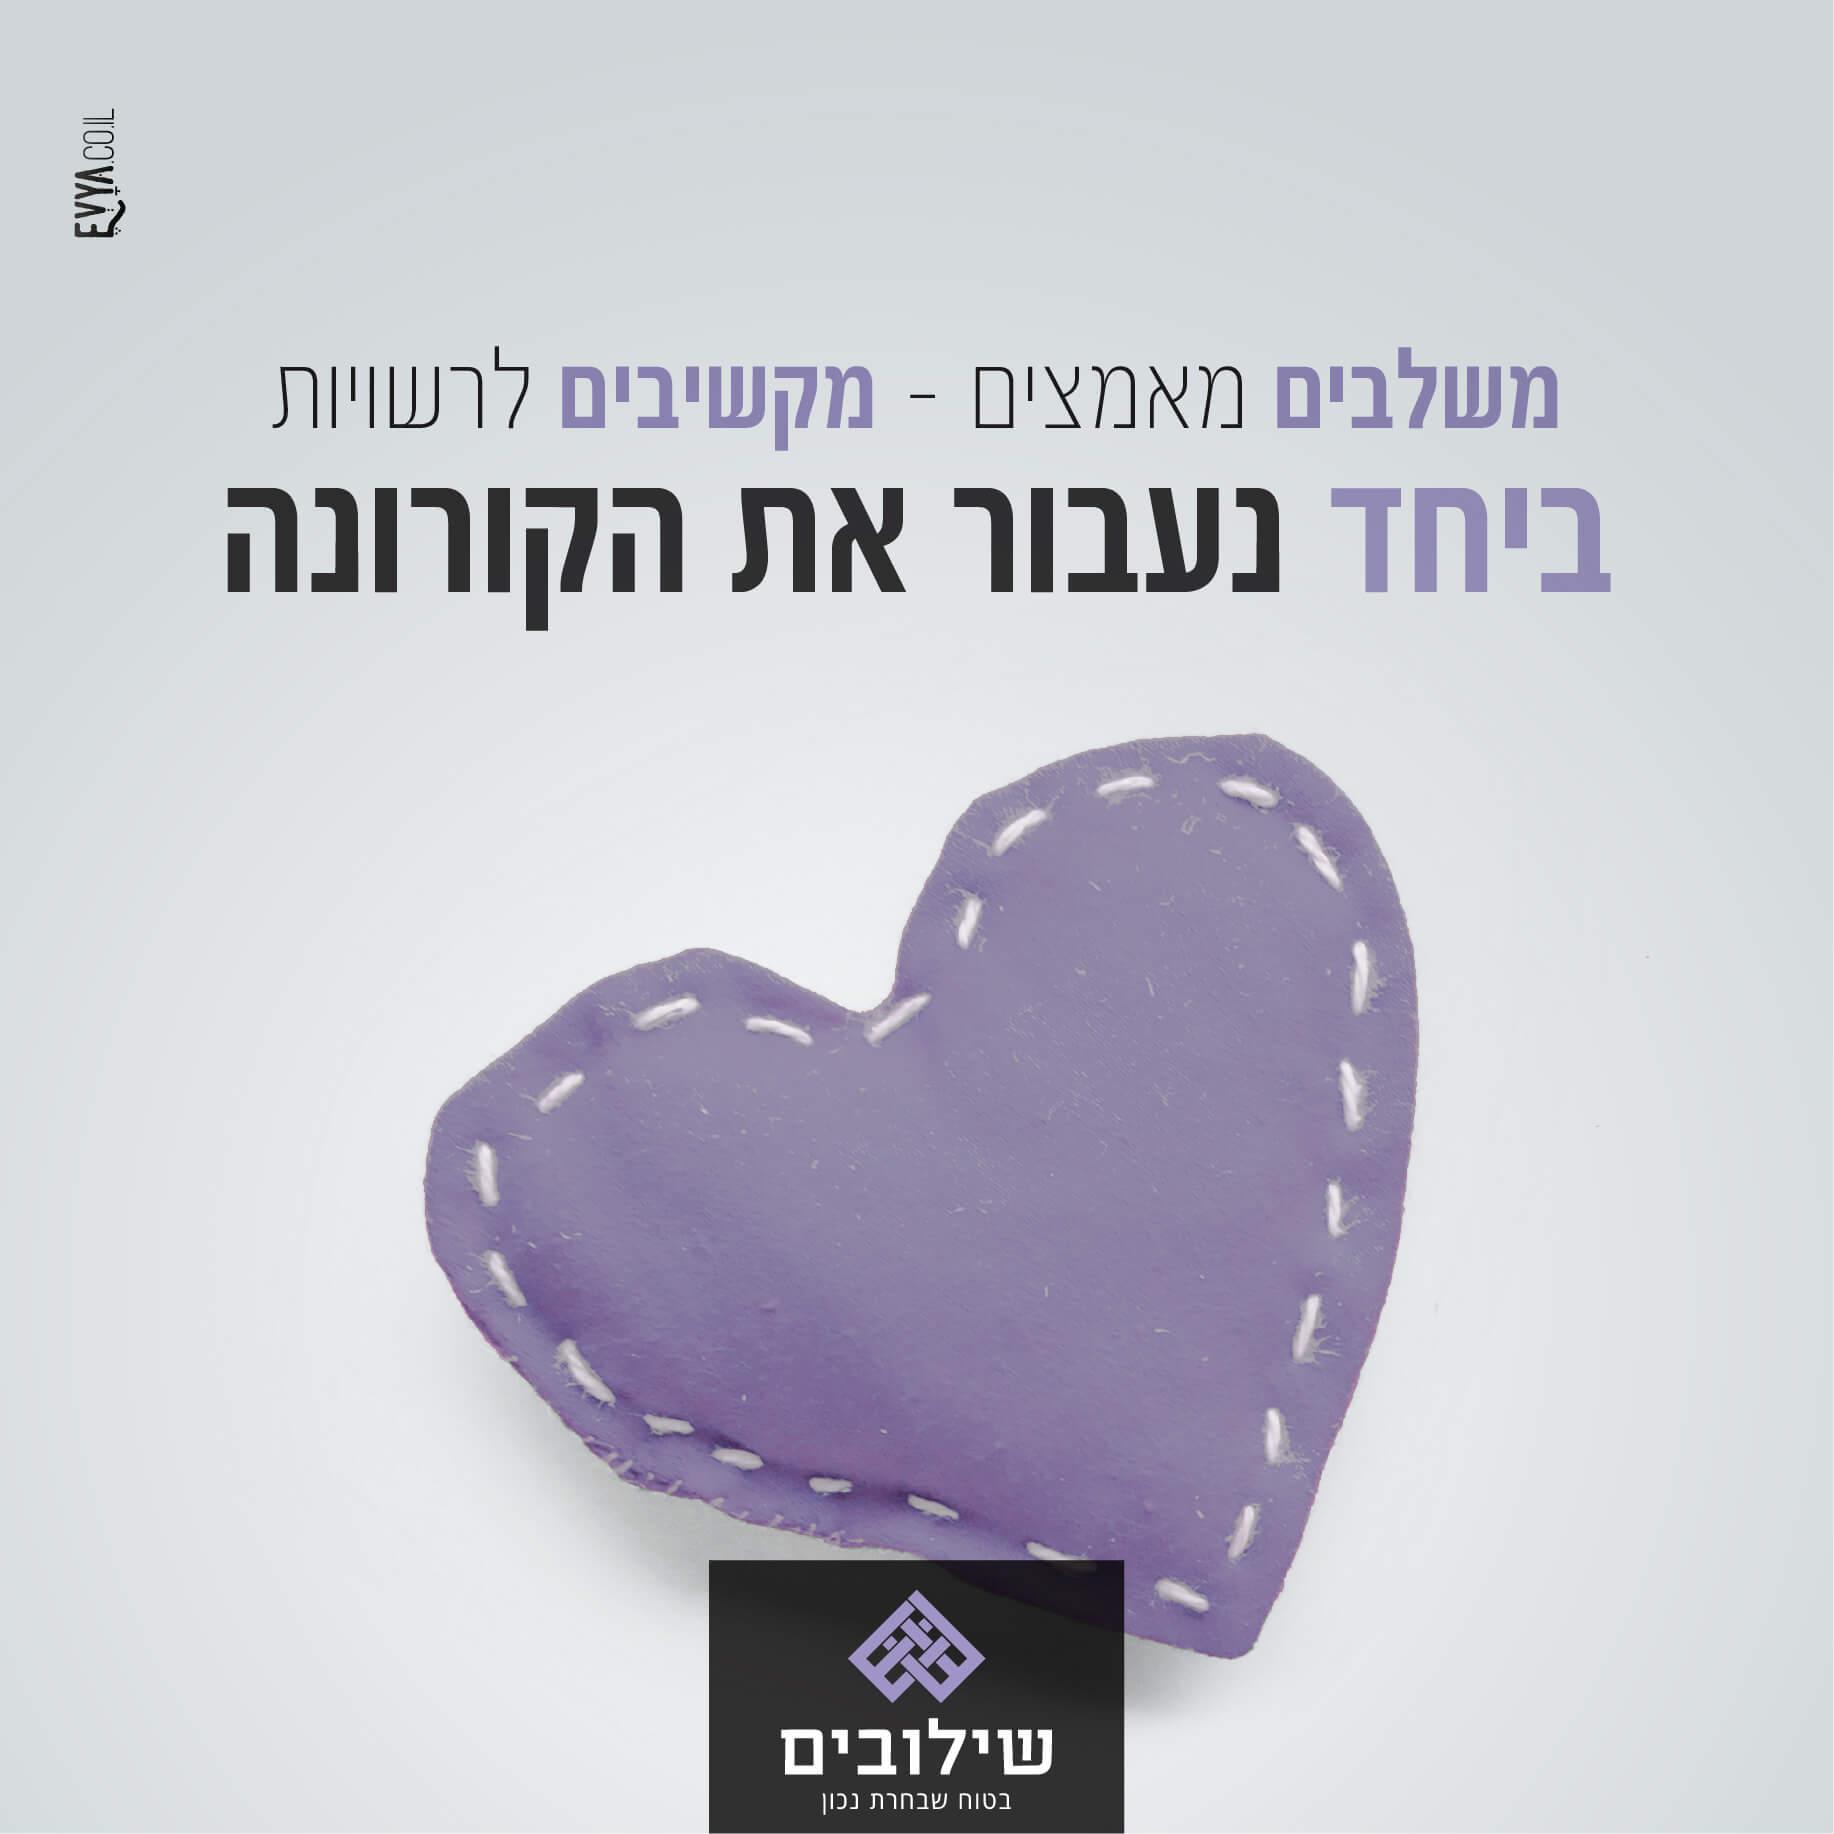 פרסום דיגיטלי - פרסום באתר - אביה דיזיין